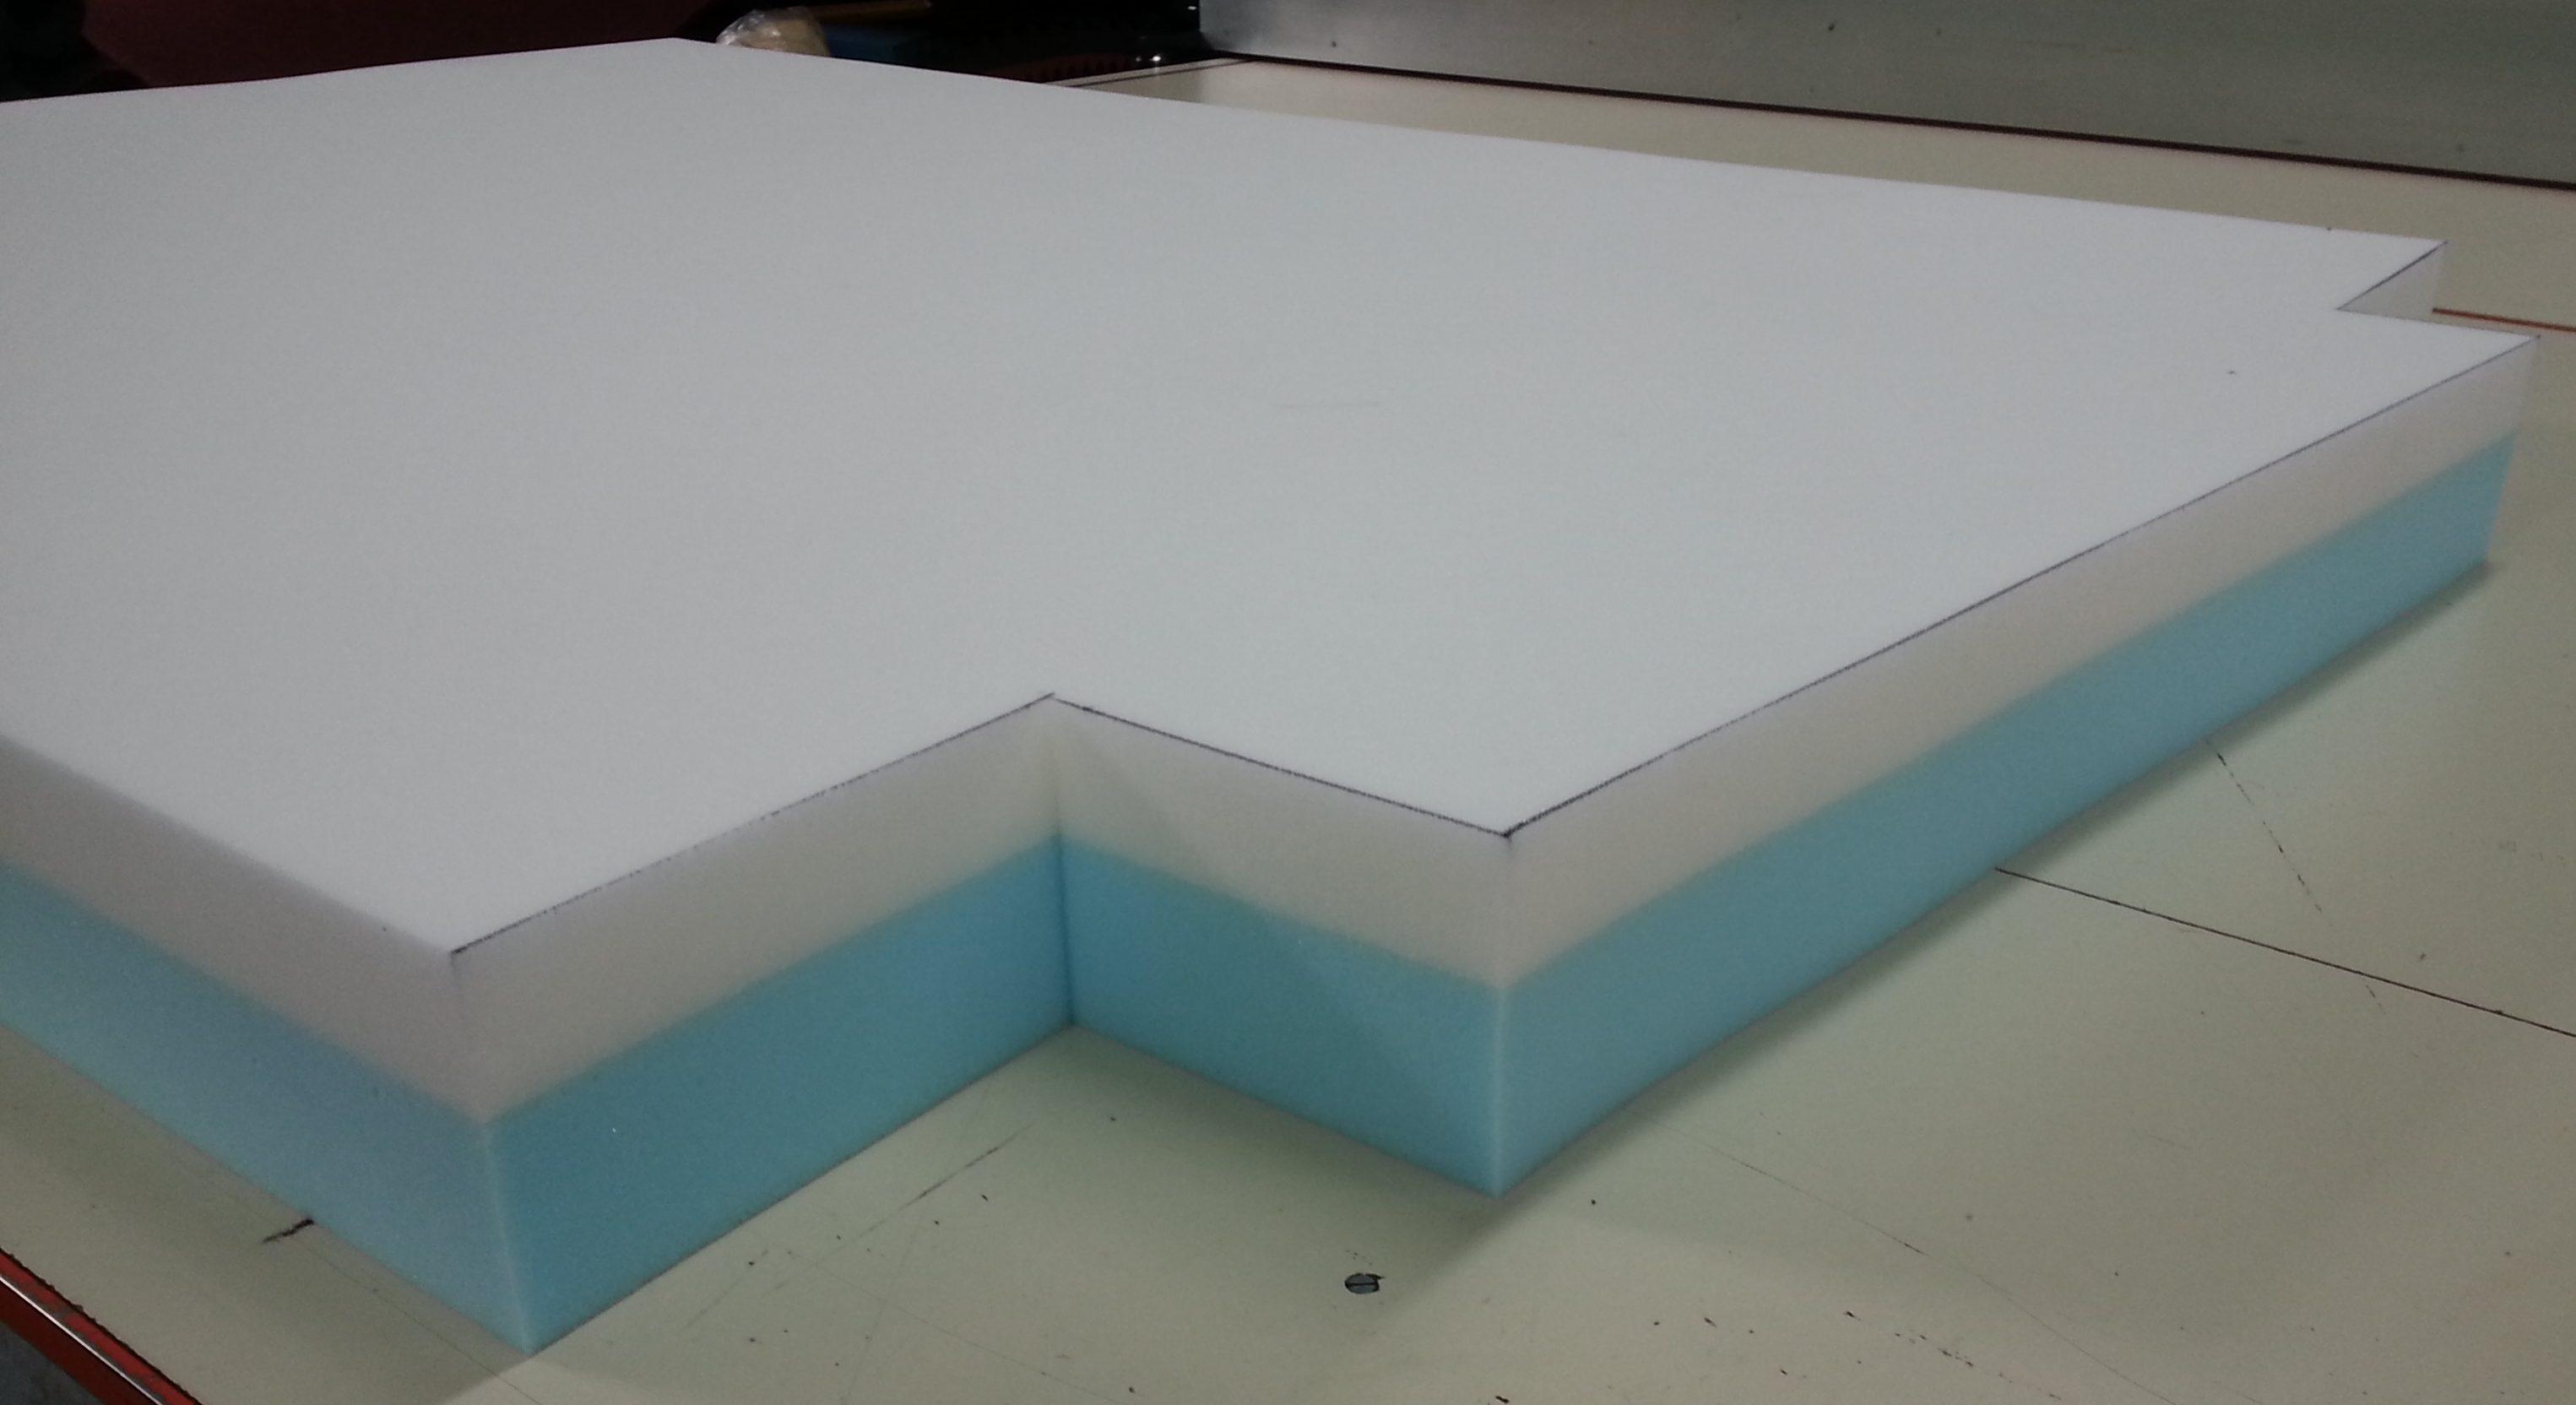 Cut Off Corner Foam Mattress